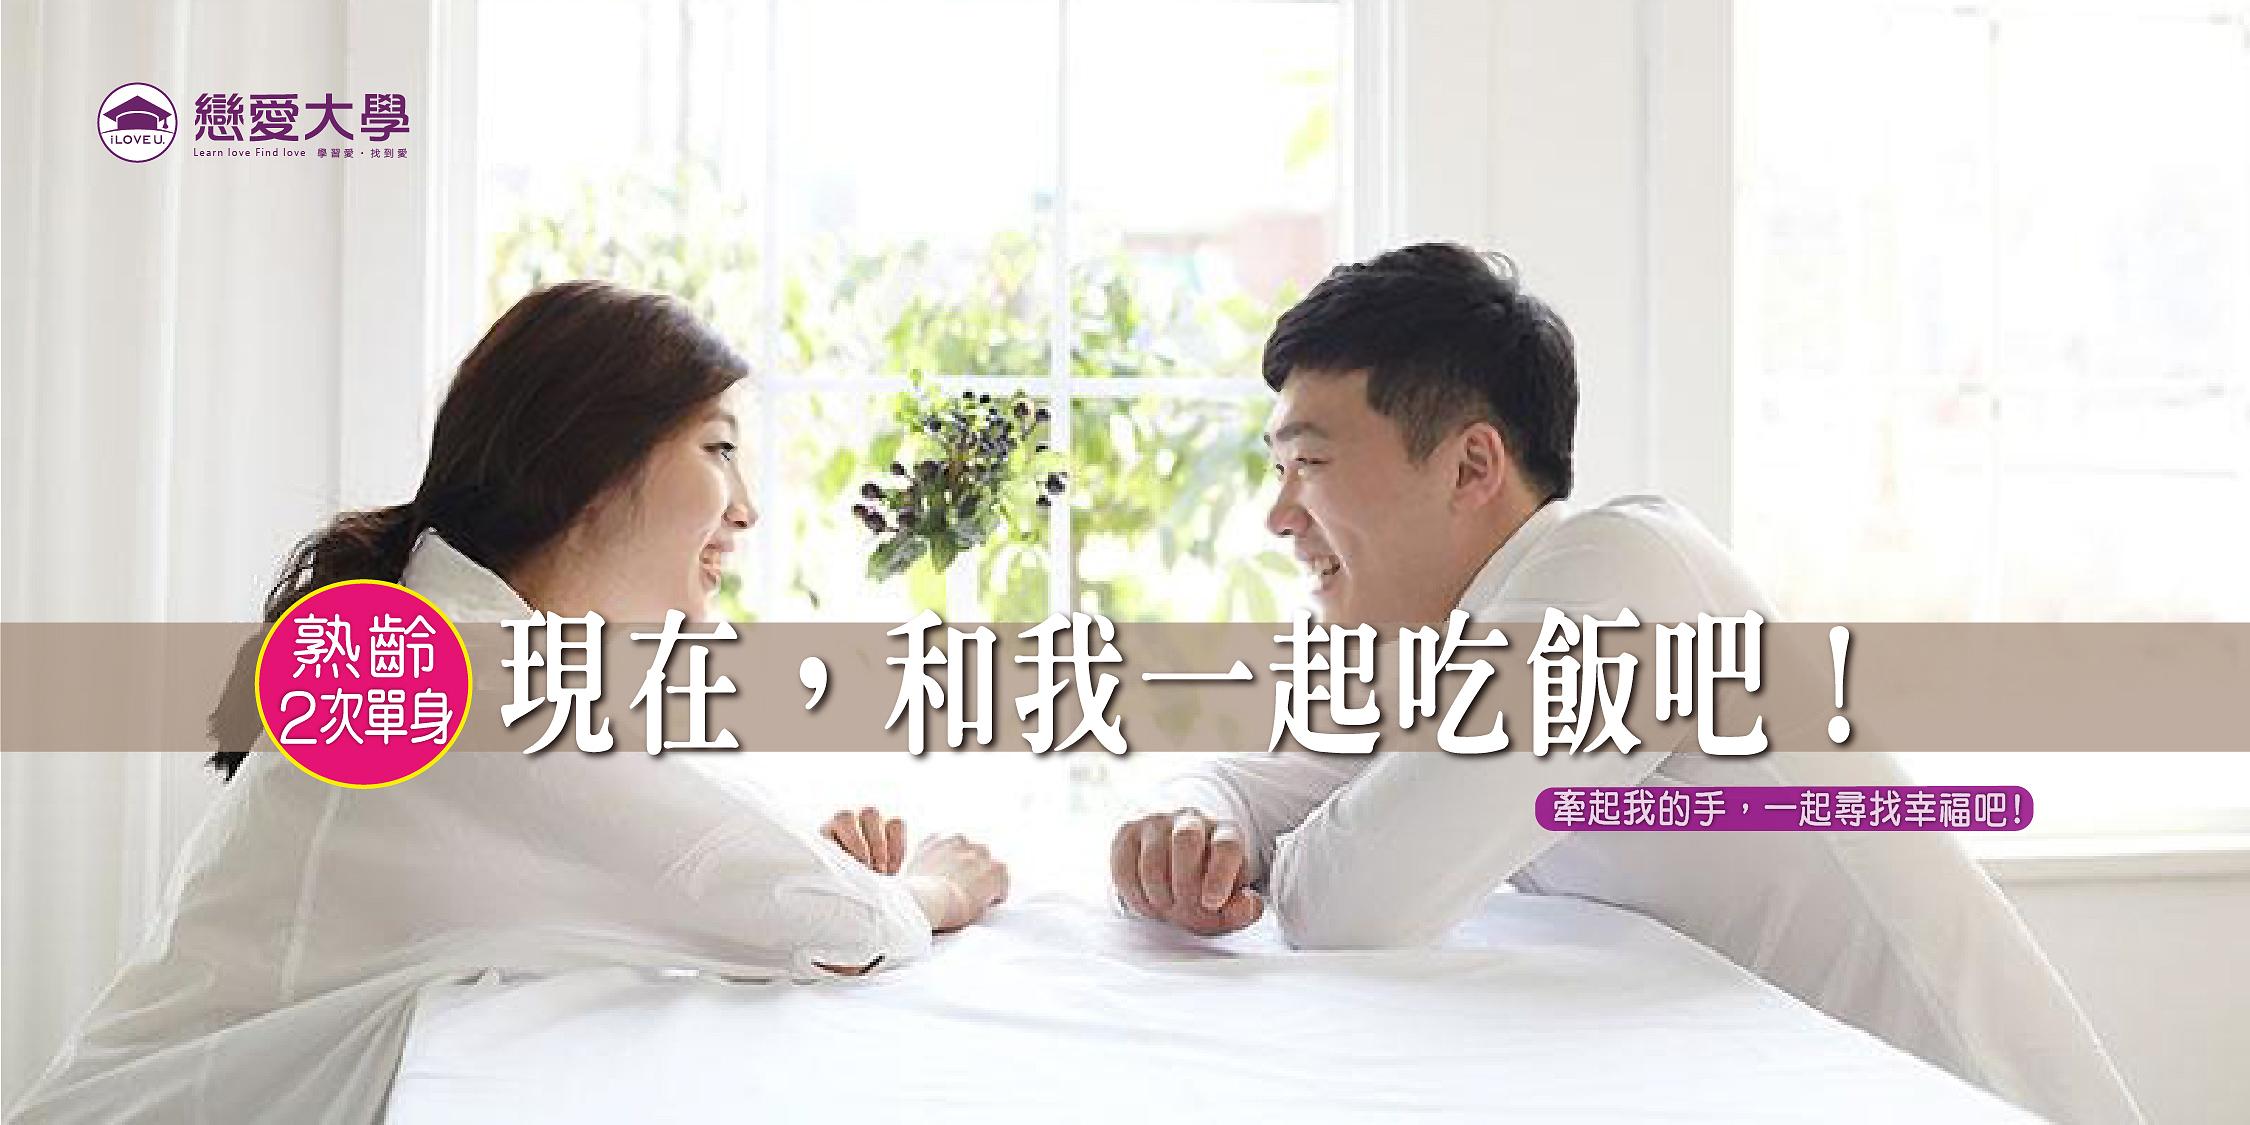 ❤戀愛大學❤ 2/23(日)【現在,和我一起吃飯吧!】熟齡/二次單身《特別企劃》